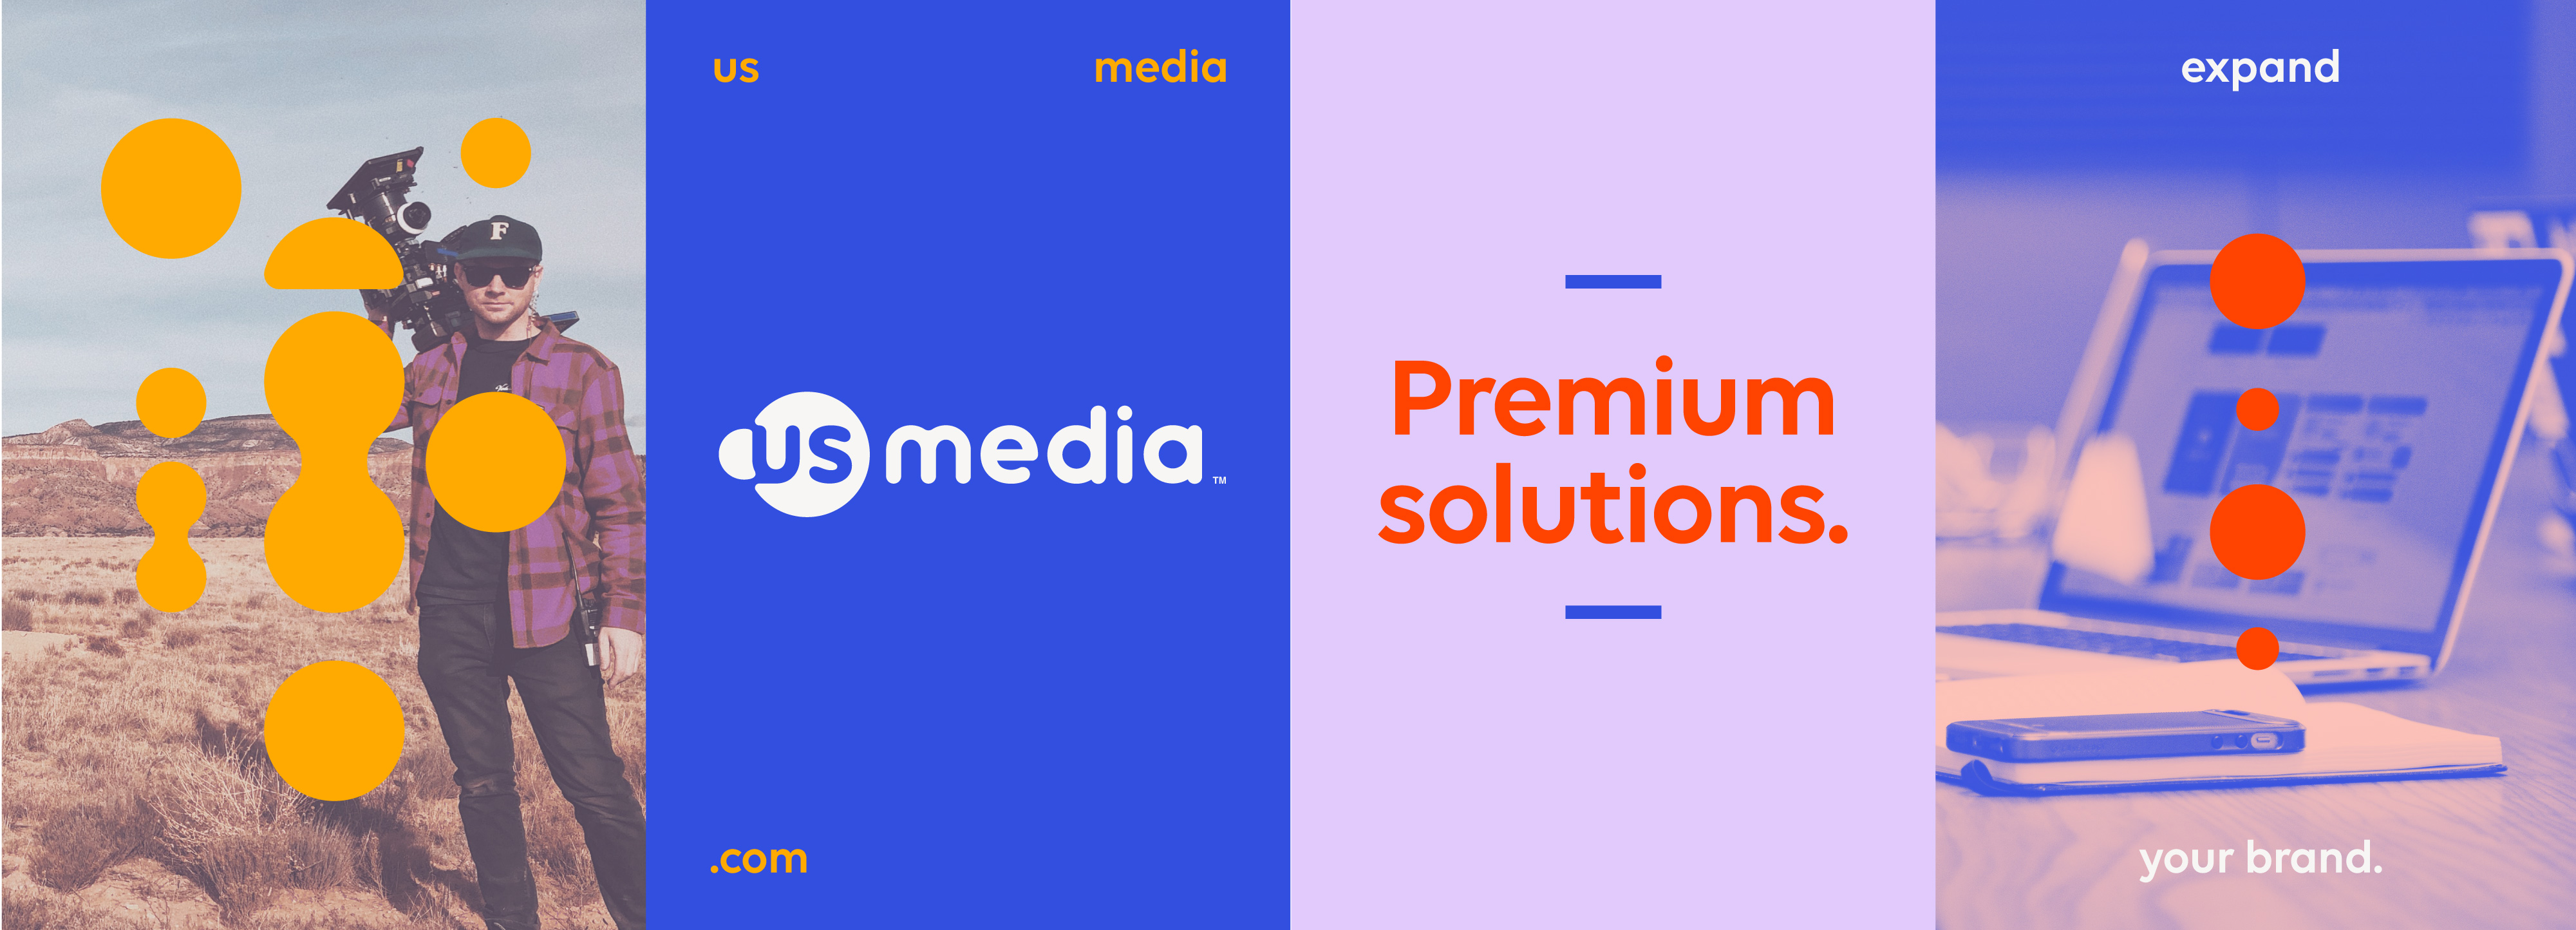 us_media-11